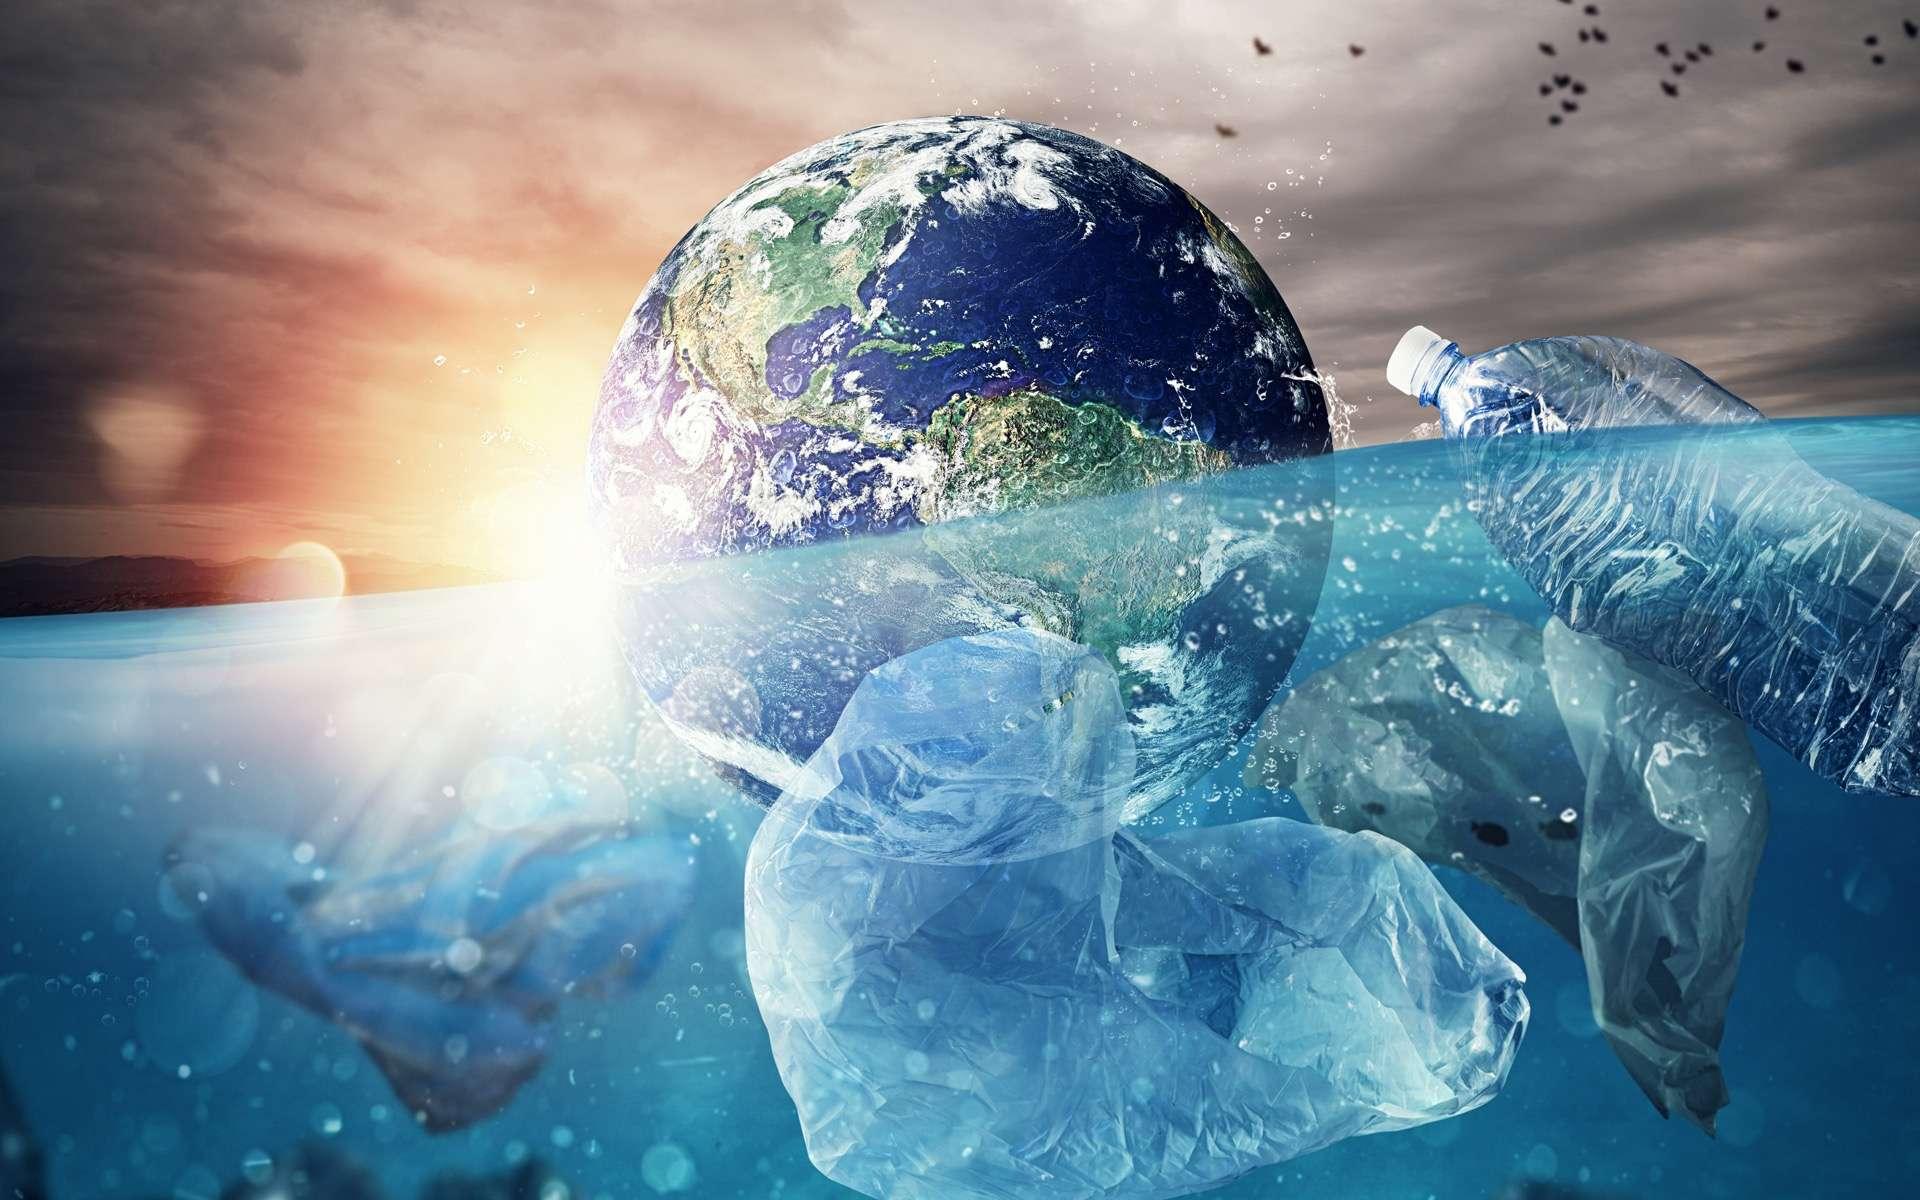 Lors de la COP25, la communauté internationale a encore eu bien du mal à tomber d'accord sur les mesures à prendre pour lutter contre le réchauffement climatique. © Alphaspirit, Adobe Stock